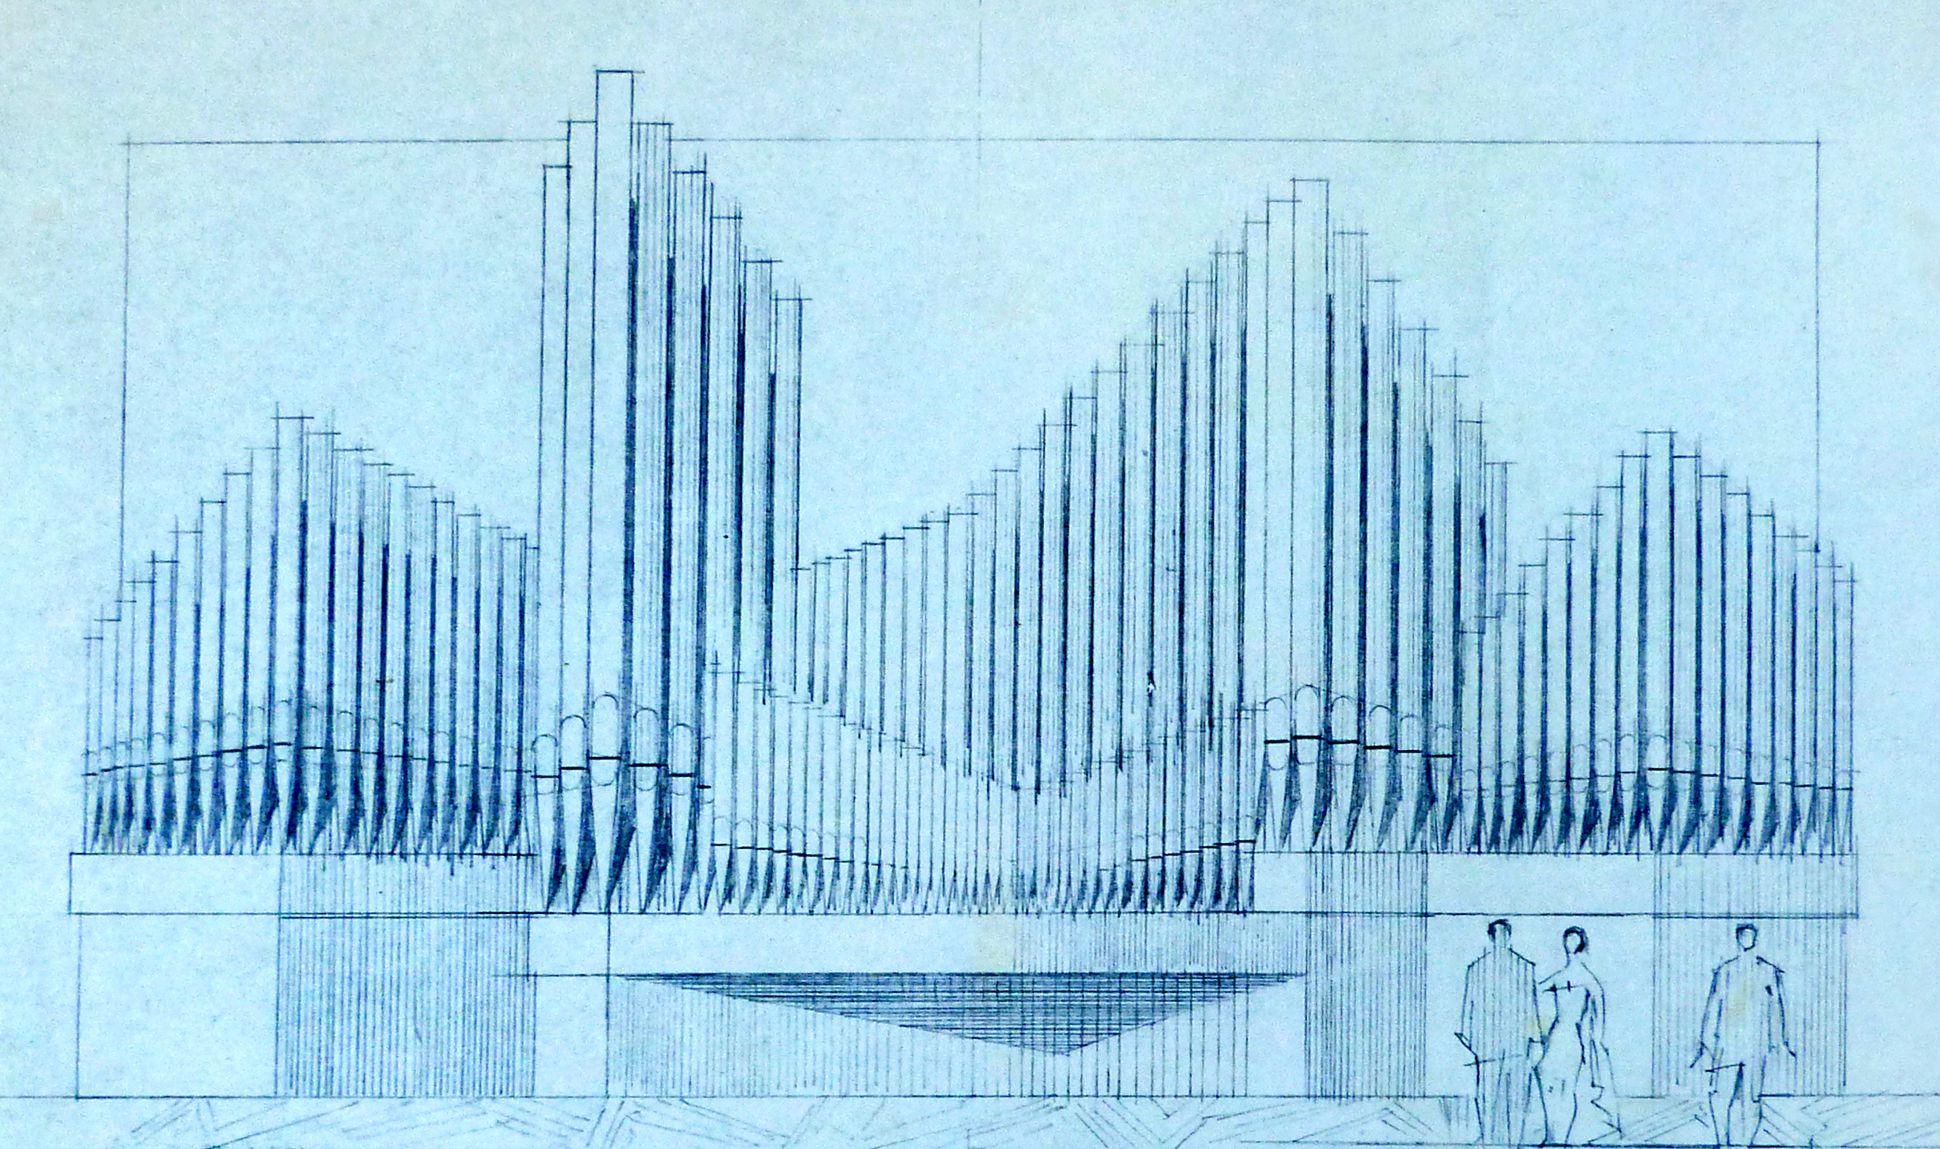 Orgelprospekt in der Meistersingerhalle Nürnberg Orgelprospekt